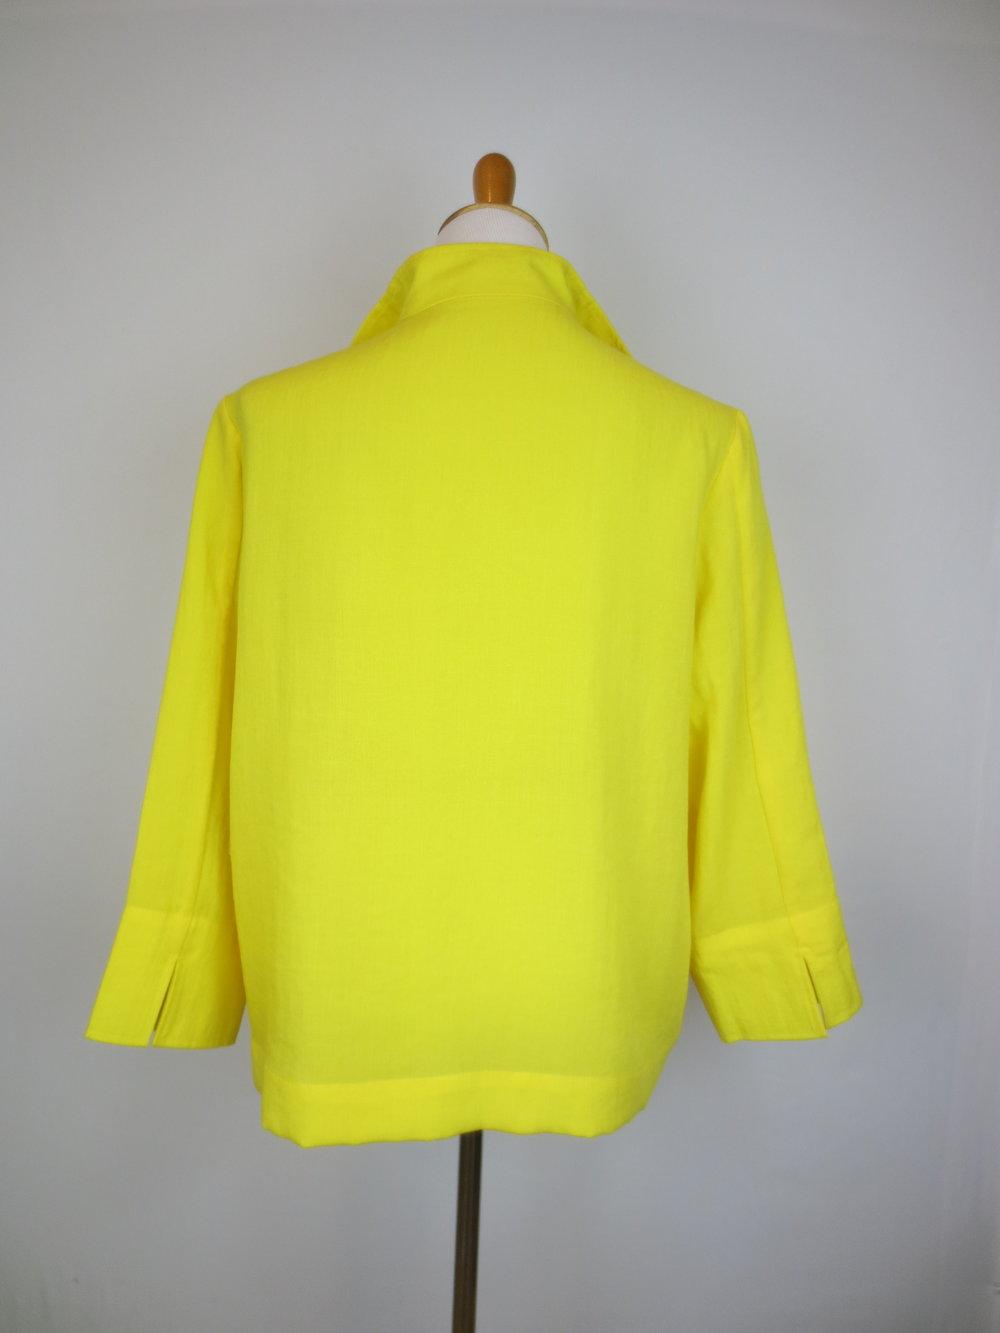 AA198 - Daffodil (3).JPG